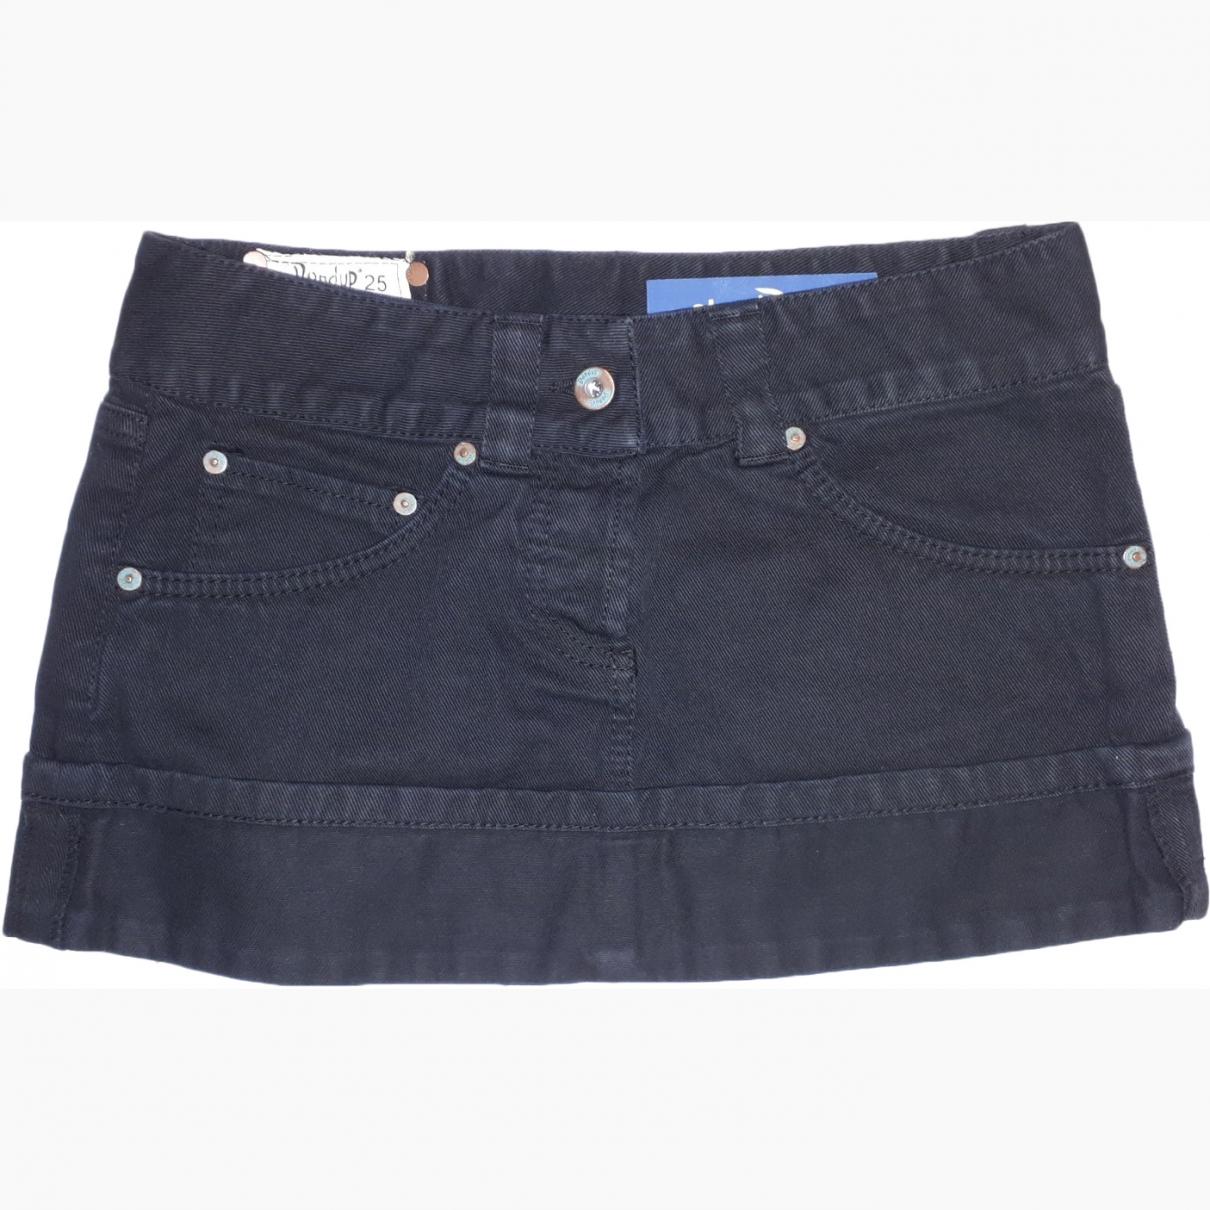 Dondup \N Black Denim - Jeans skirt for Women 38 IT